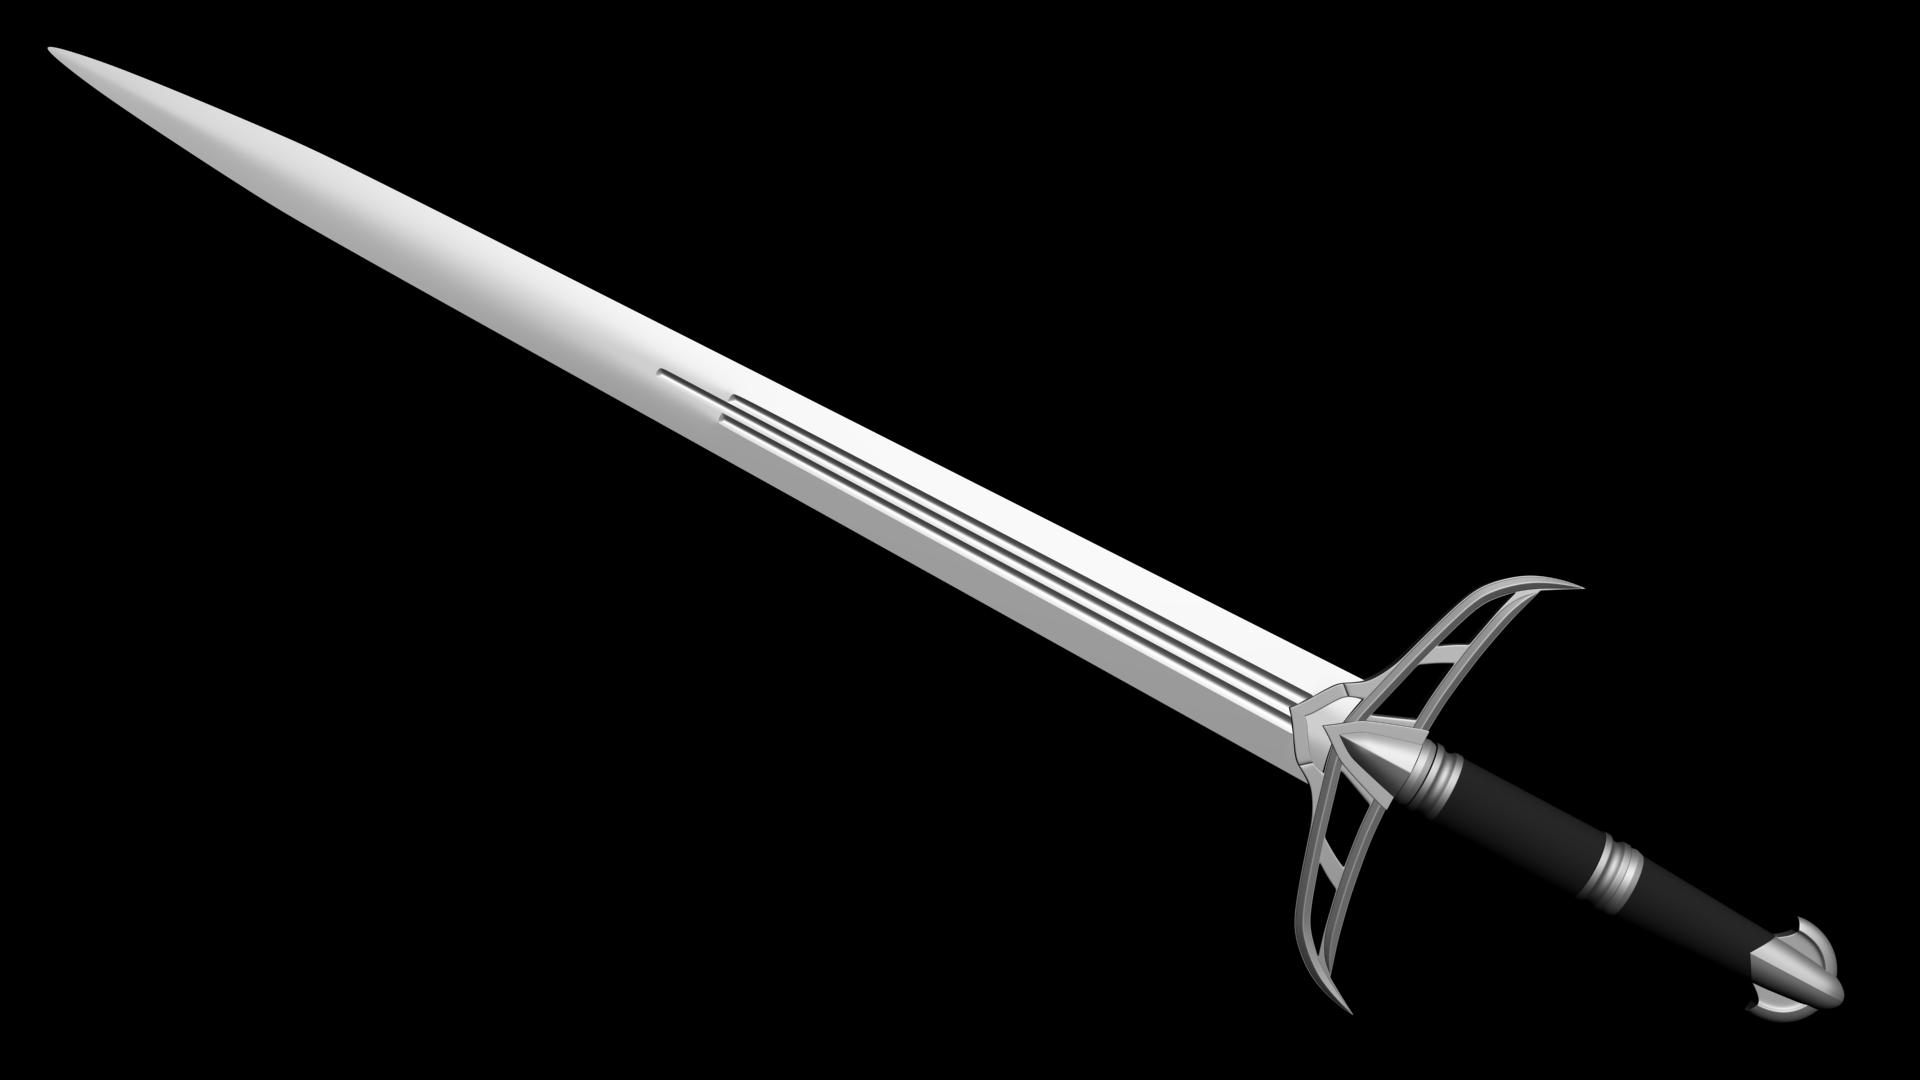 Clipart sword knife. Clip art swords png